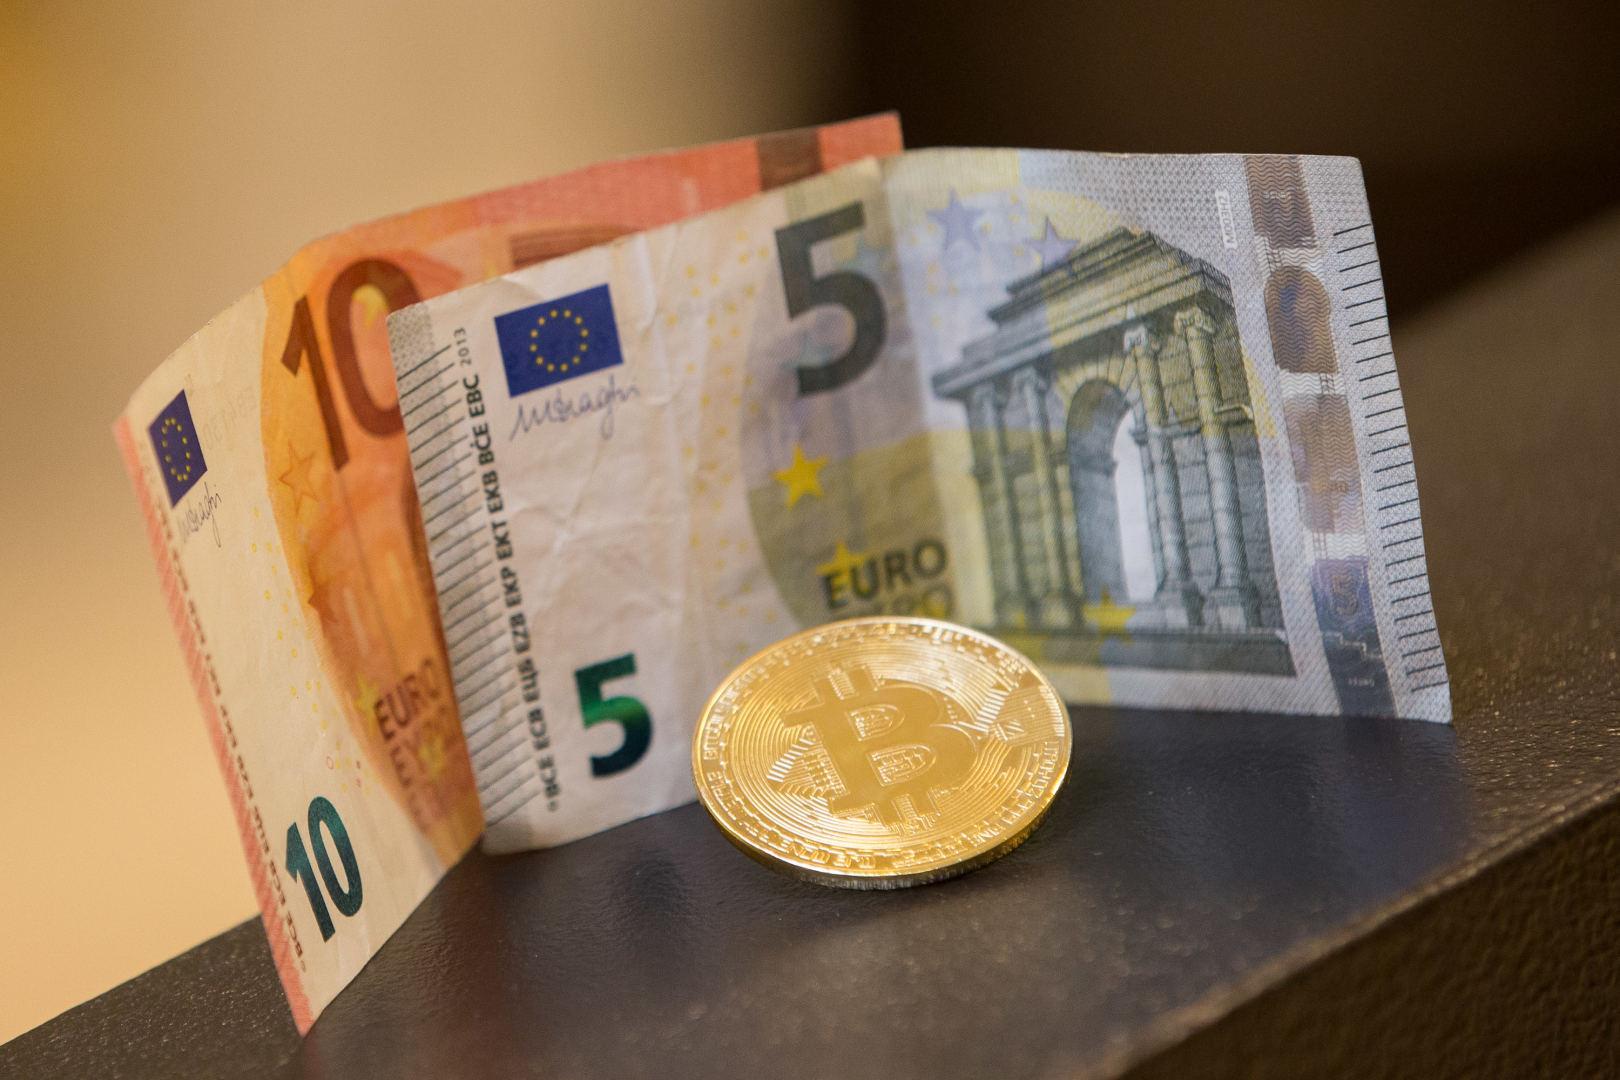 Bitcoin burbulas sprogo, todėl kokios yra alternatyvos?